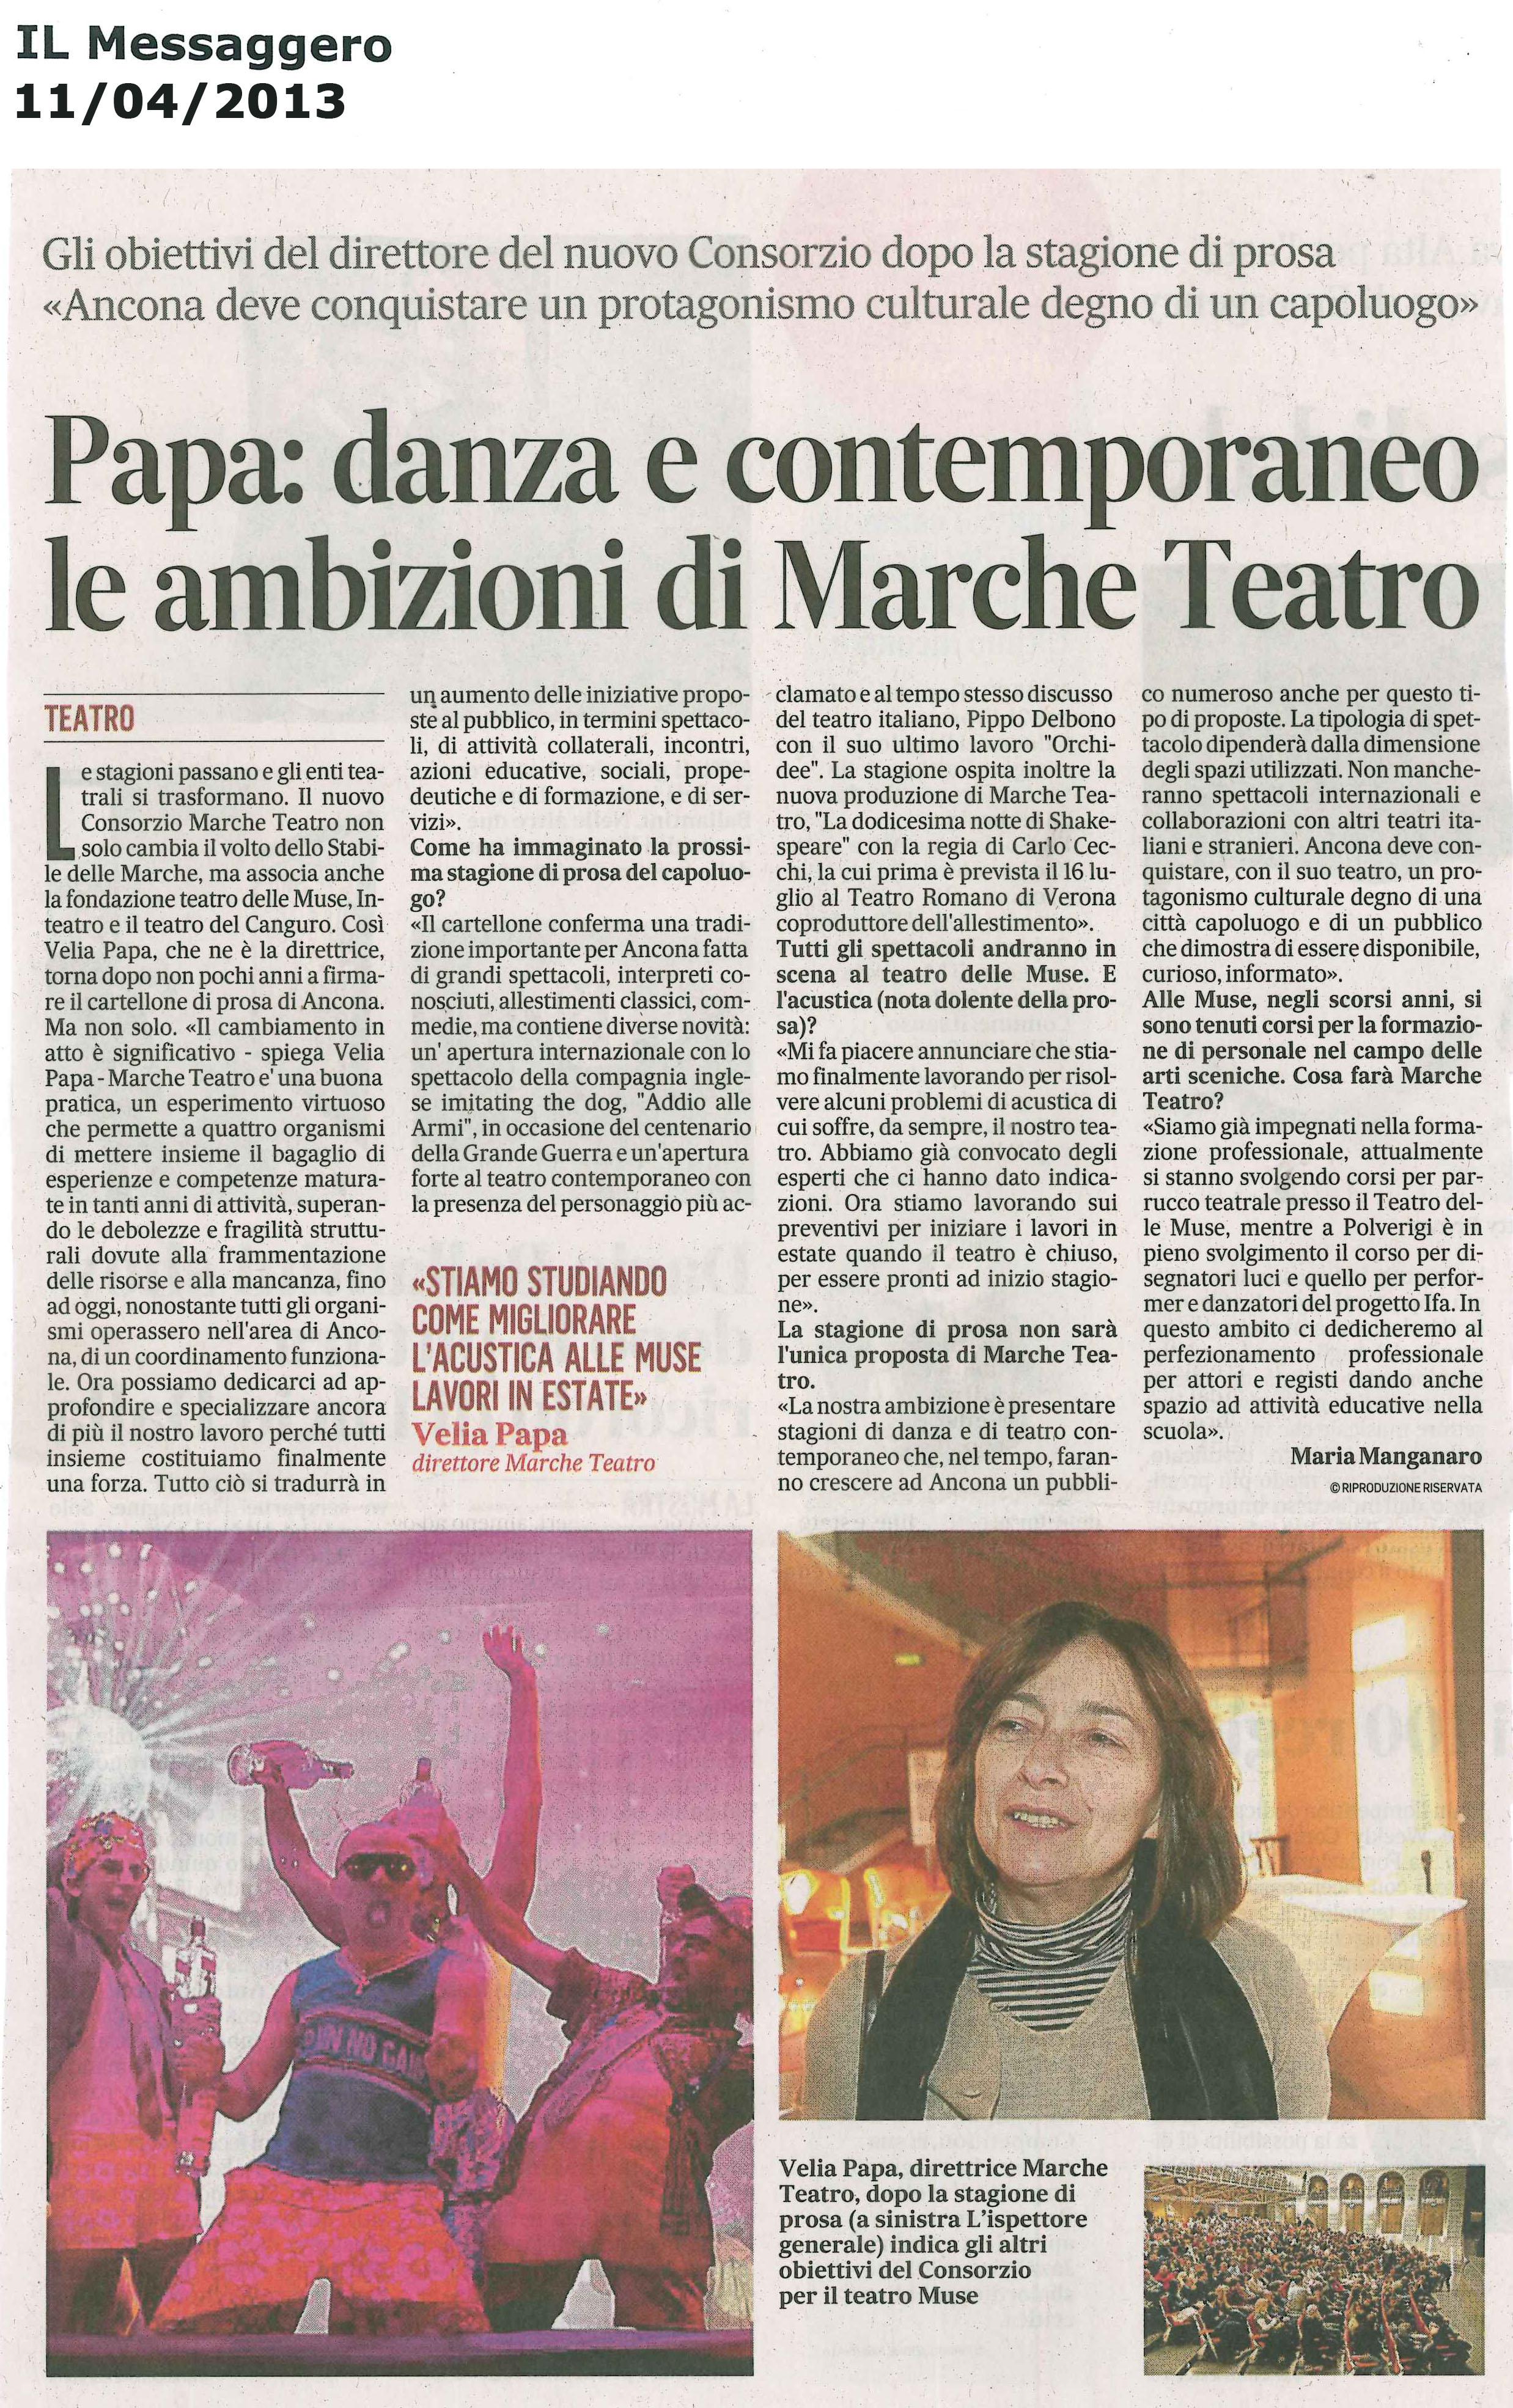 2014.04.11 Danza e contemporaneo le ambizioni di Marche Teatro - Il Messaggero